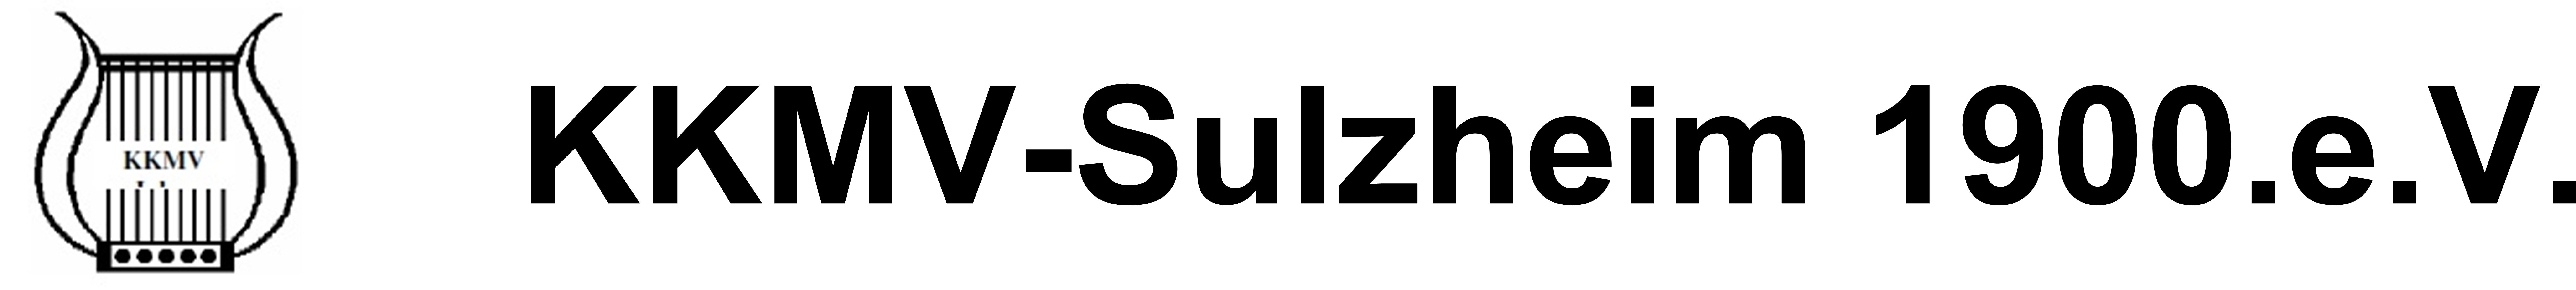 KKMV-Sulzheim